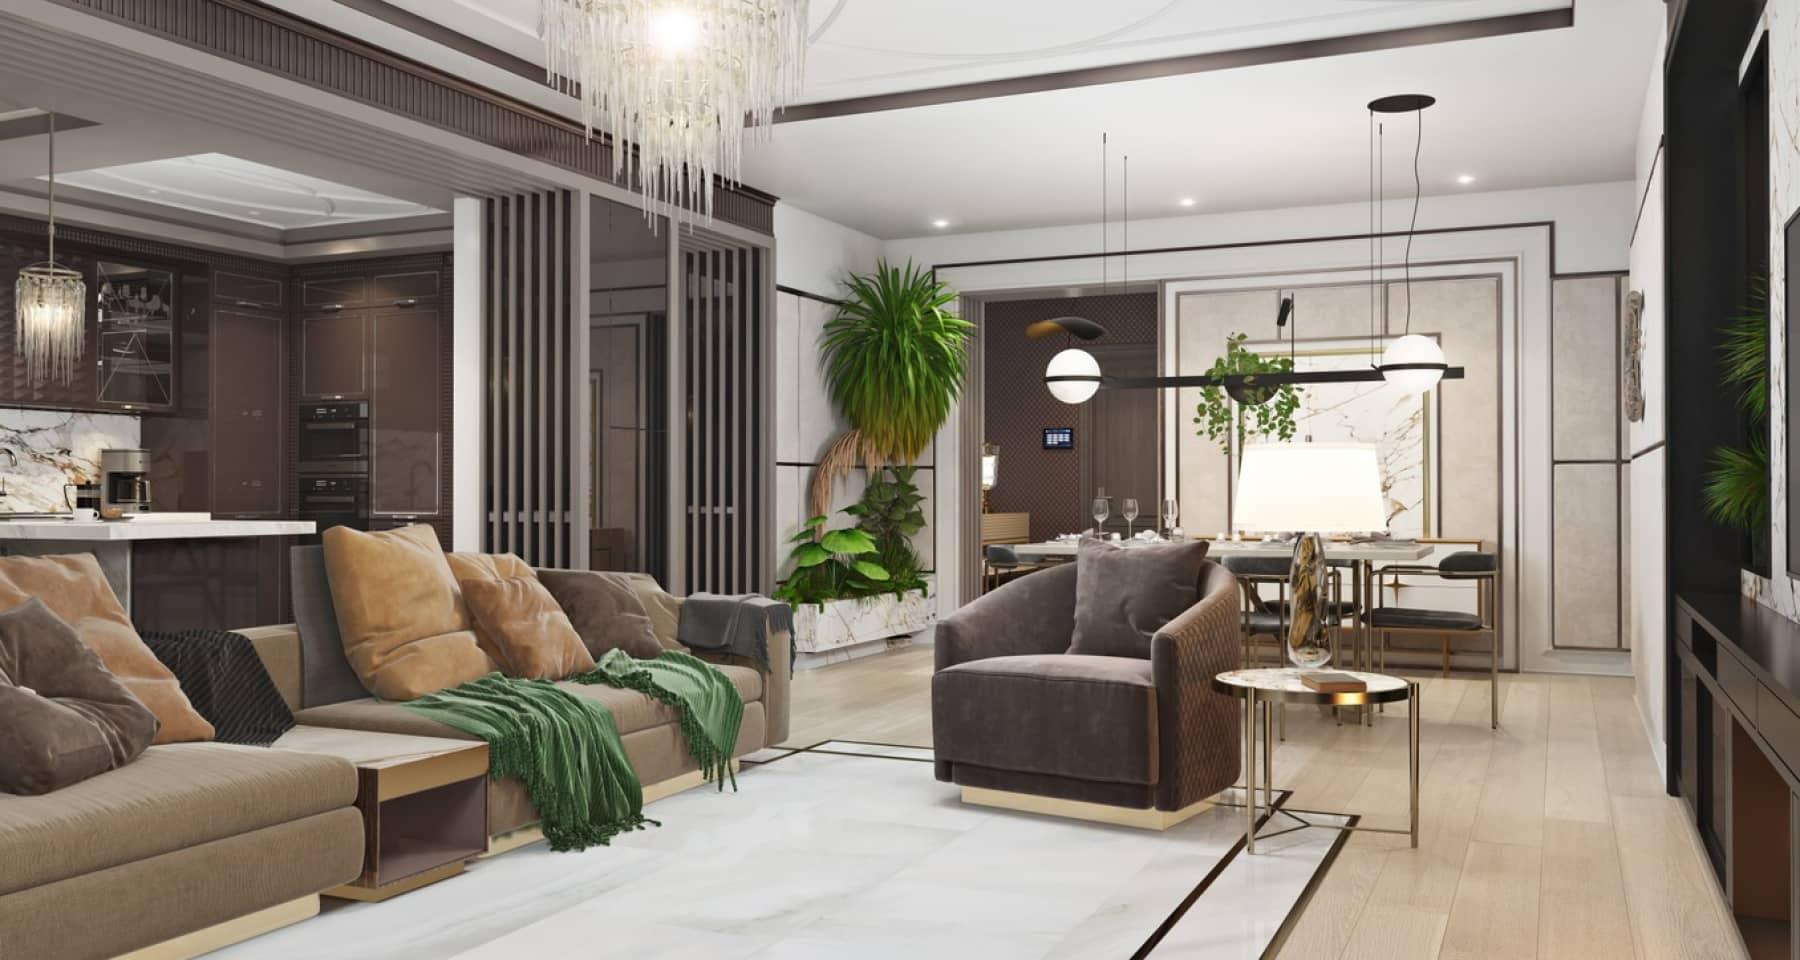 3D-визуализация квартиры 189 кв. м на Новом Арбате в Москве